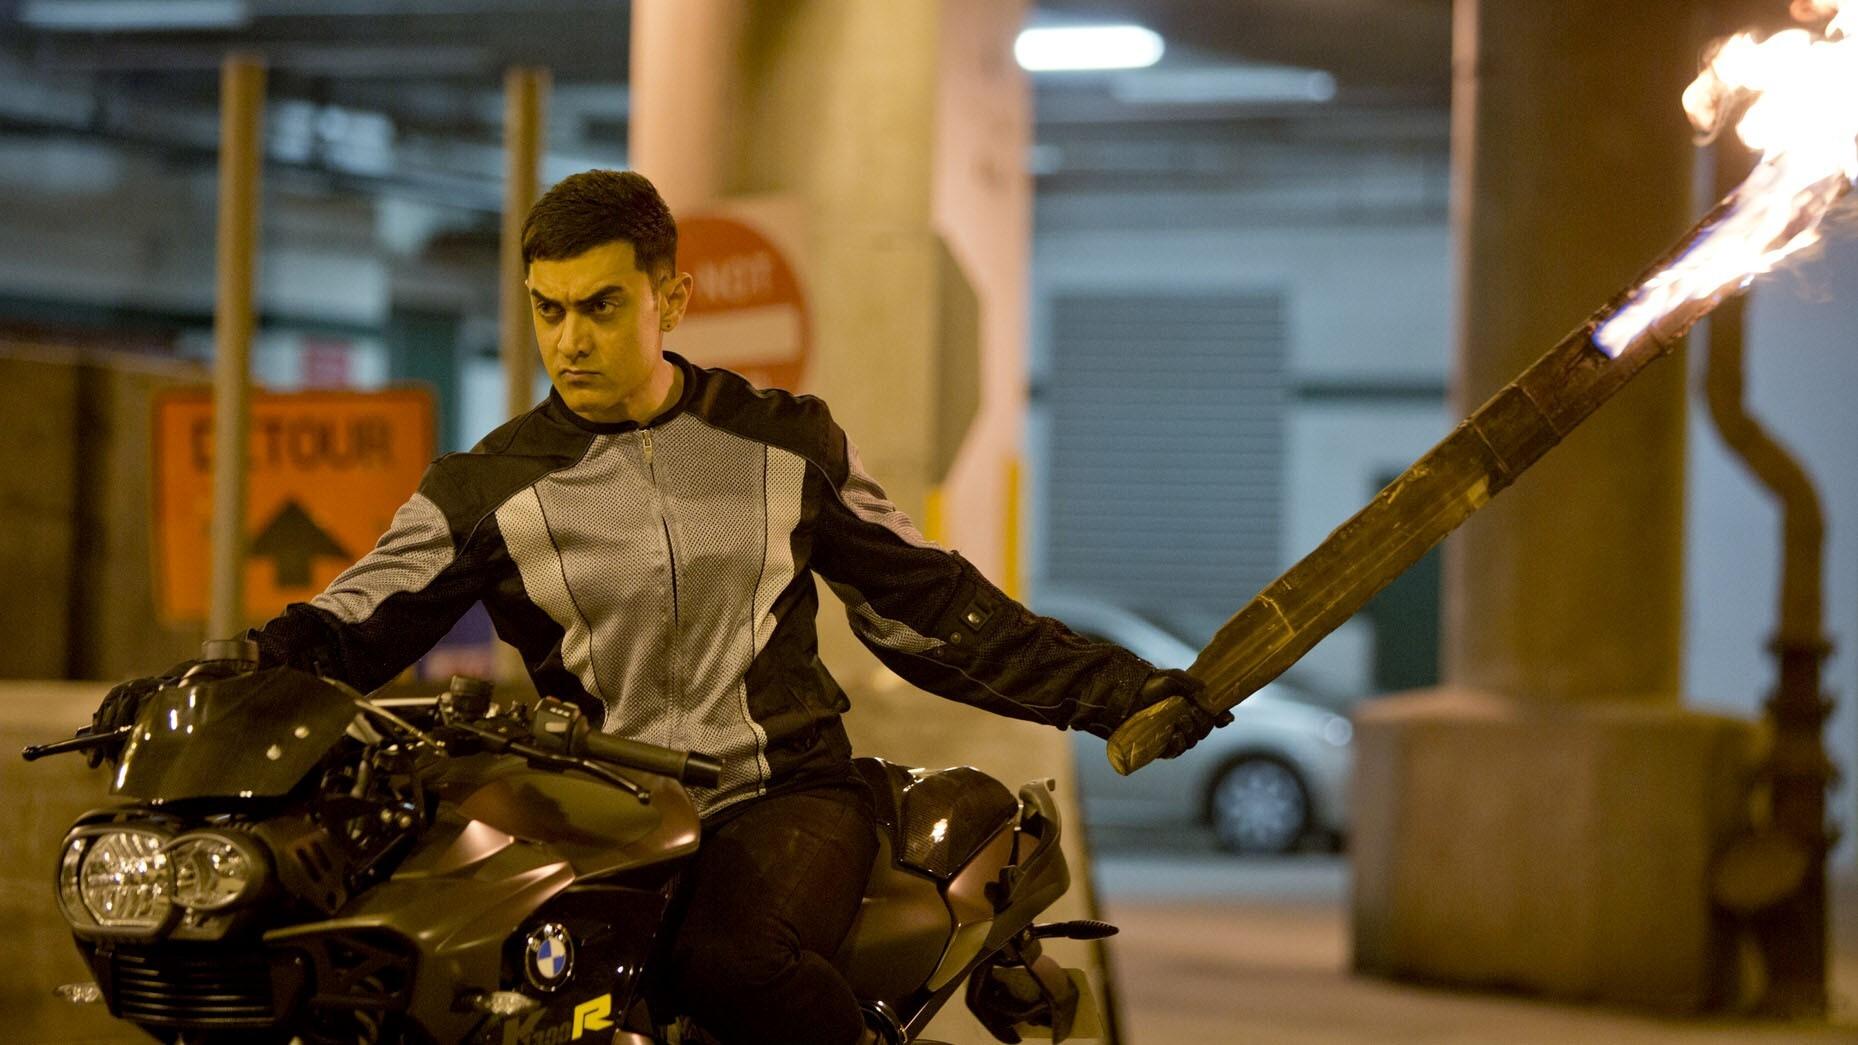 Aamir Khan On Bike In Dhoom 3 Bollywood Movie Hd Wallpaper Hd